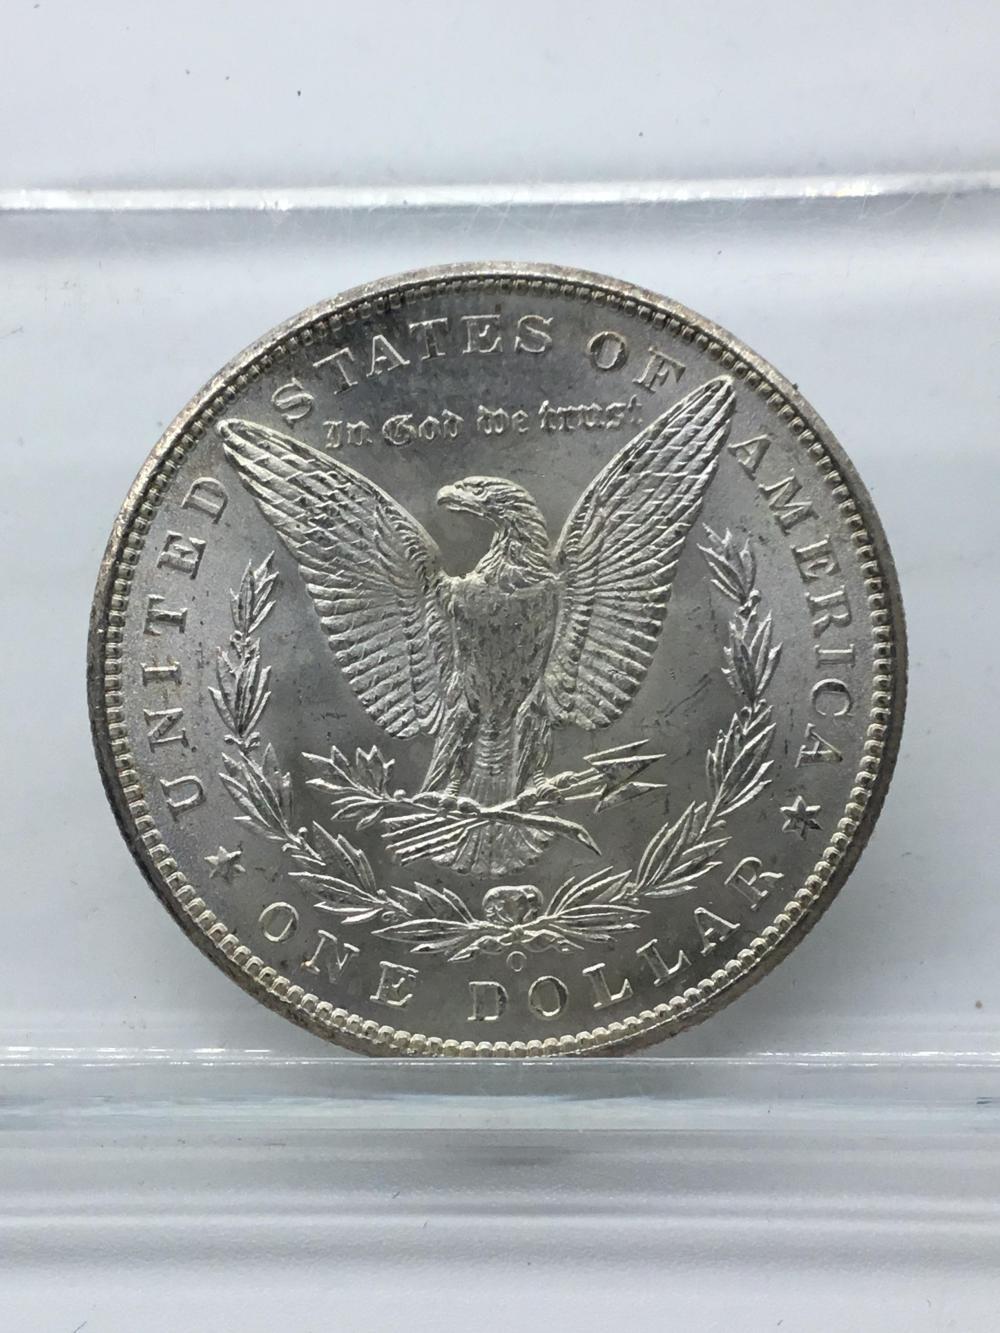 1898o Morgan silver dollar